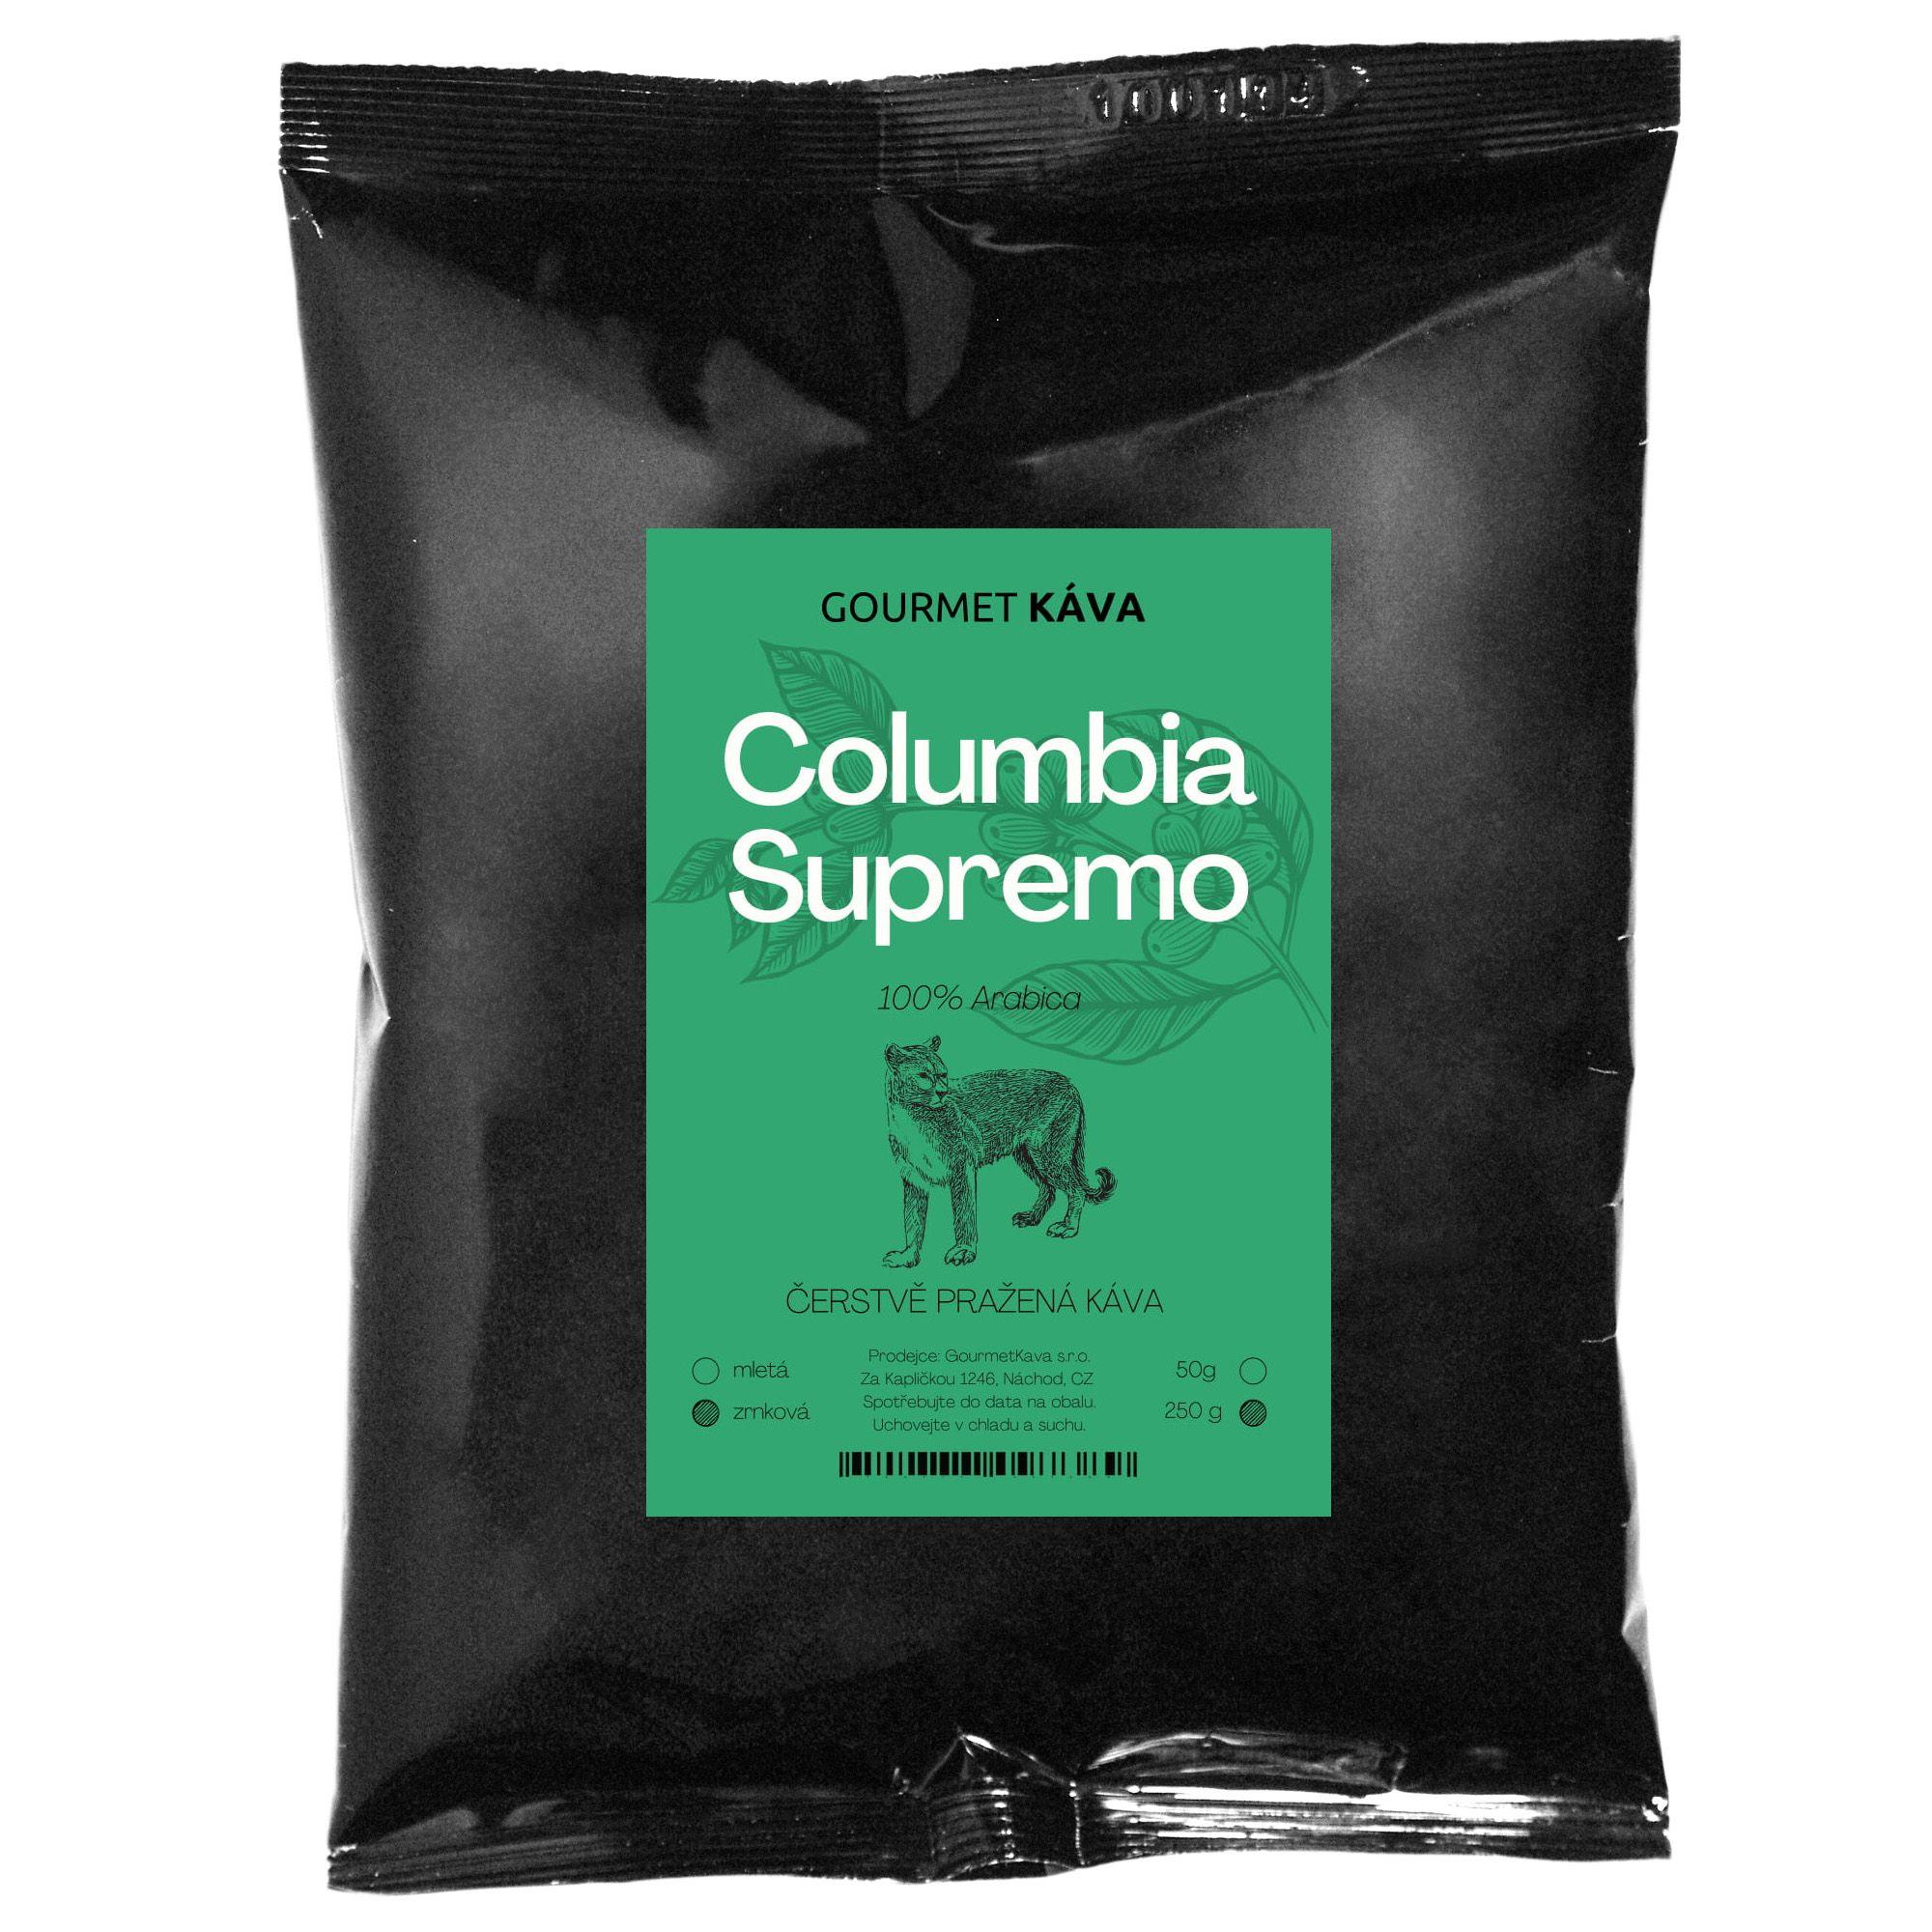 Gourmet Káva Kolumbie Supremo, zrnková, 250 g